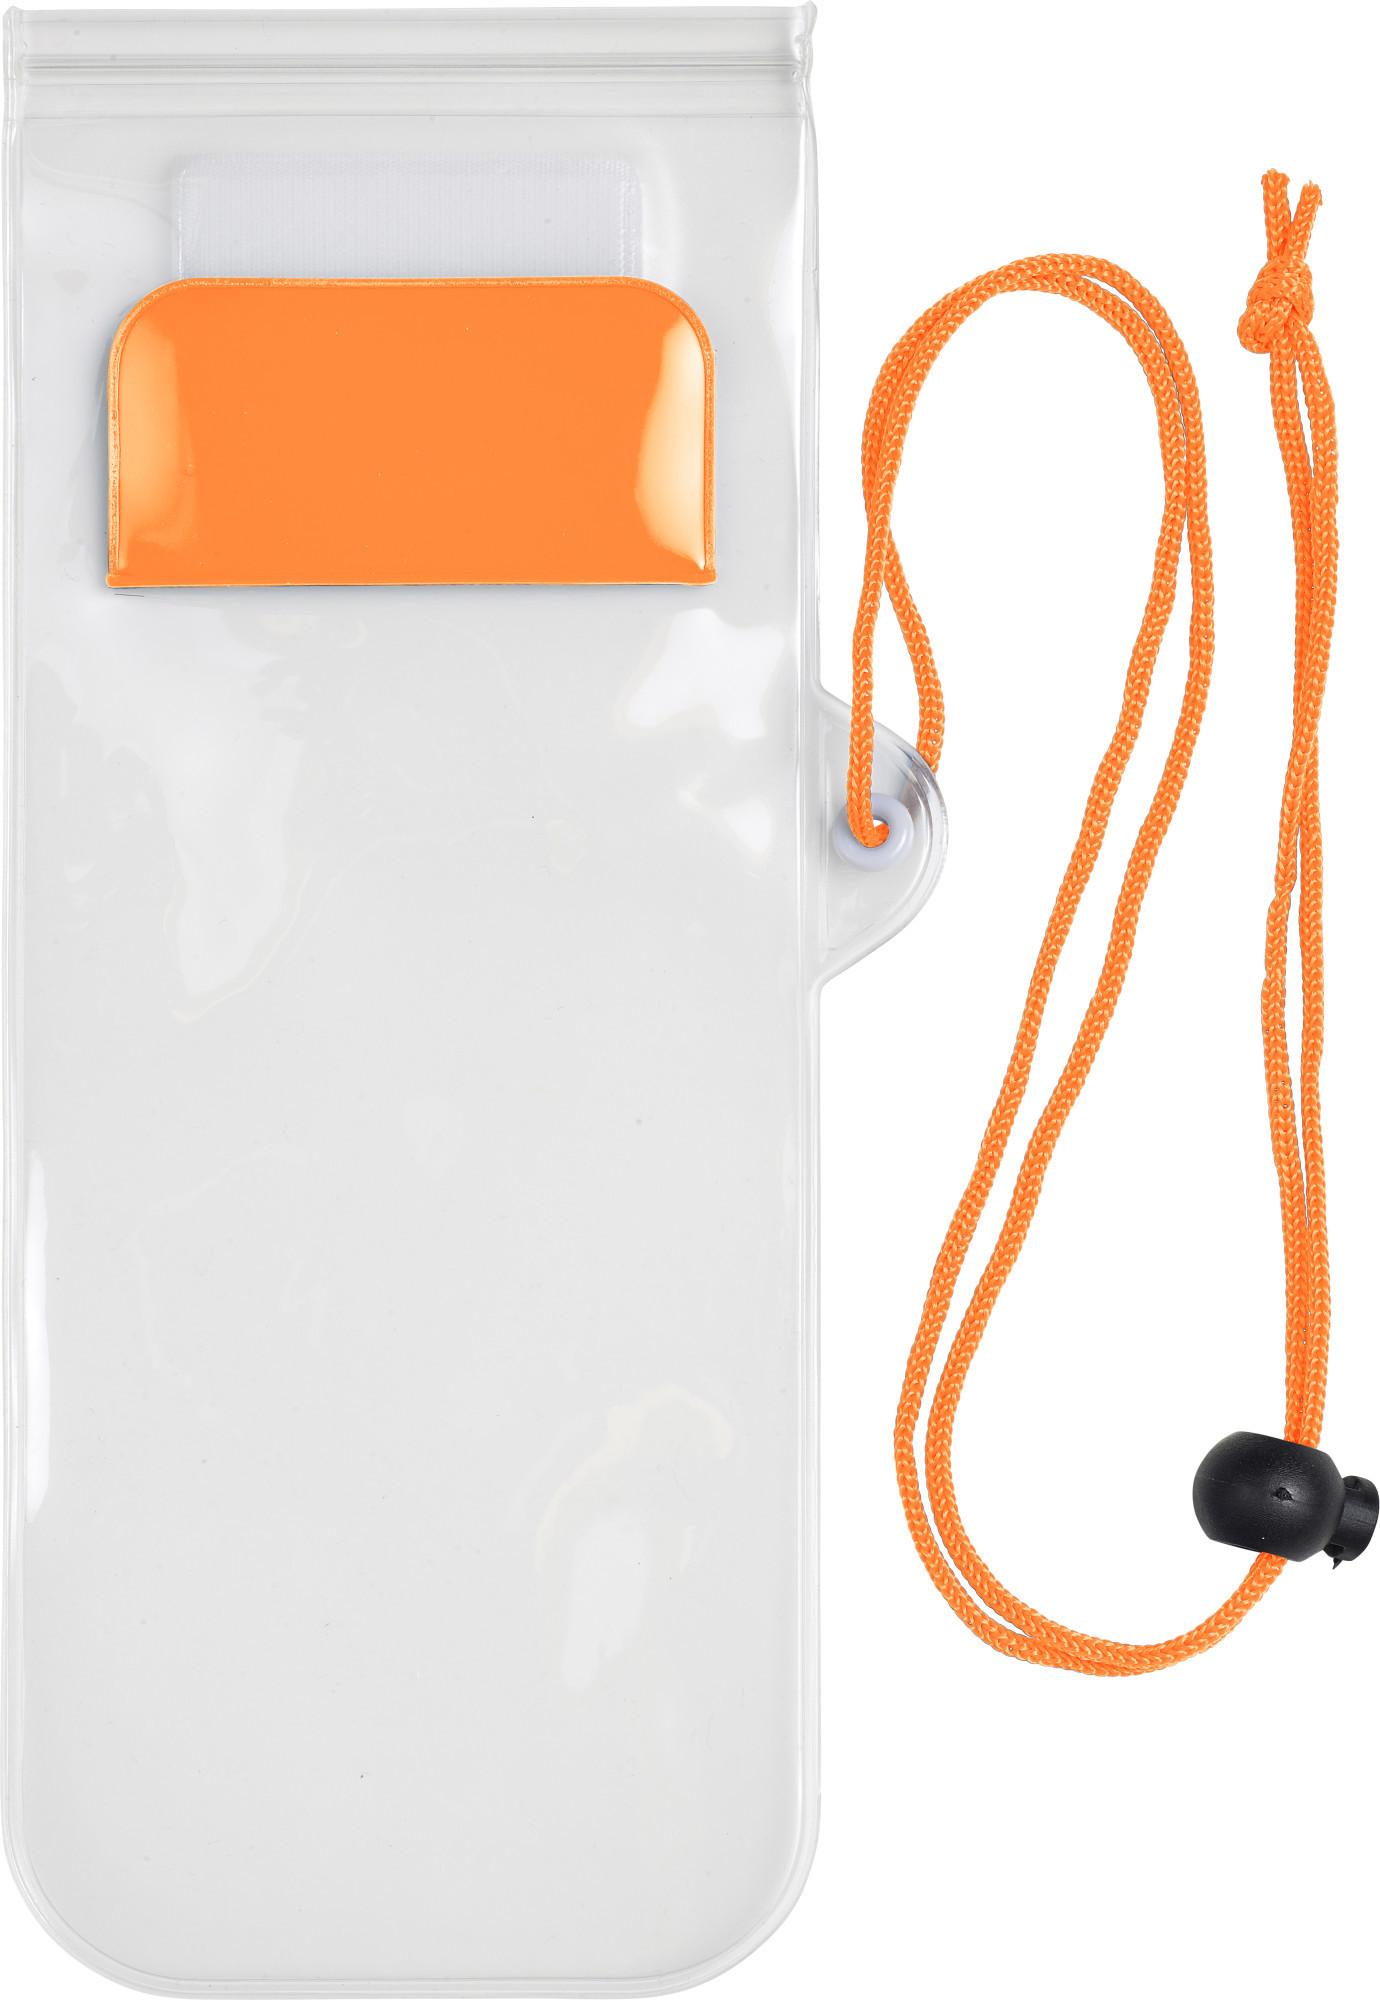 Étui waterproof en PVC pour smartphone - 19-1252-25